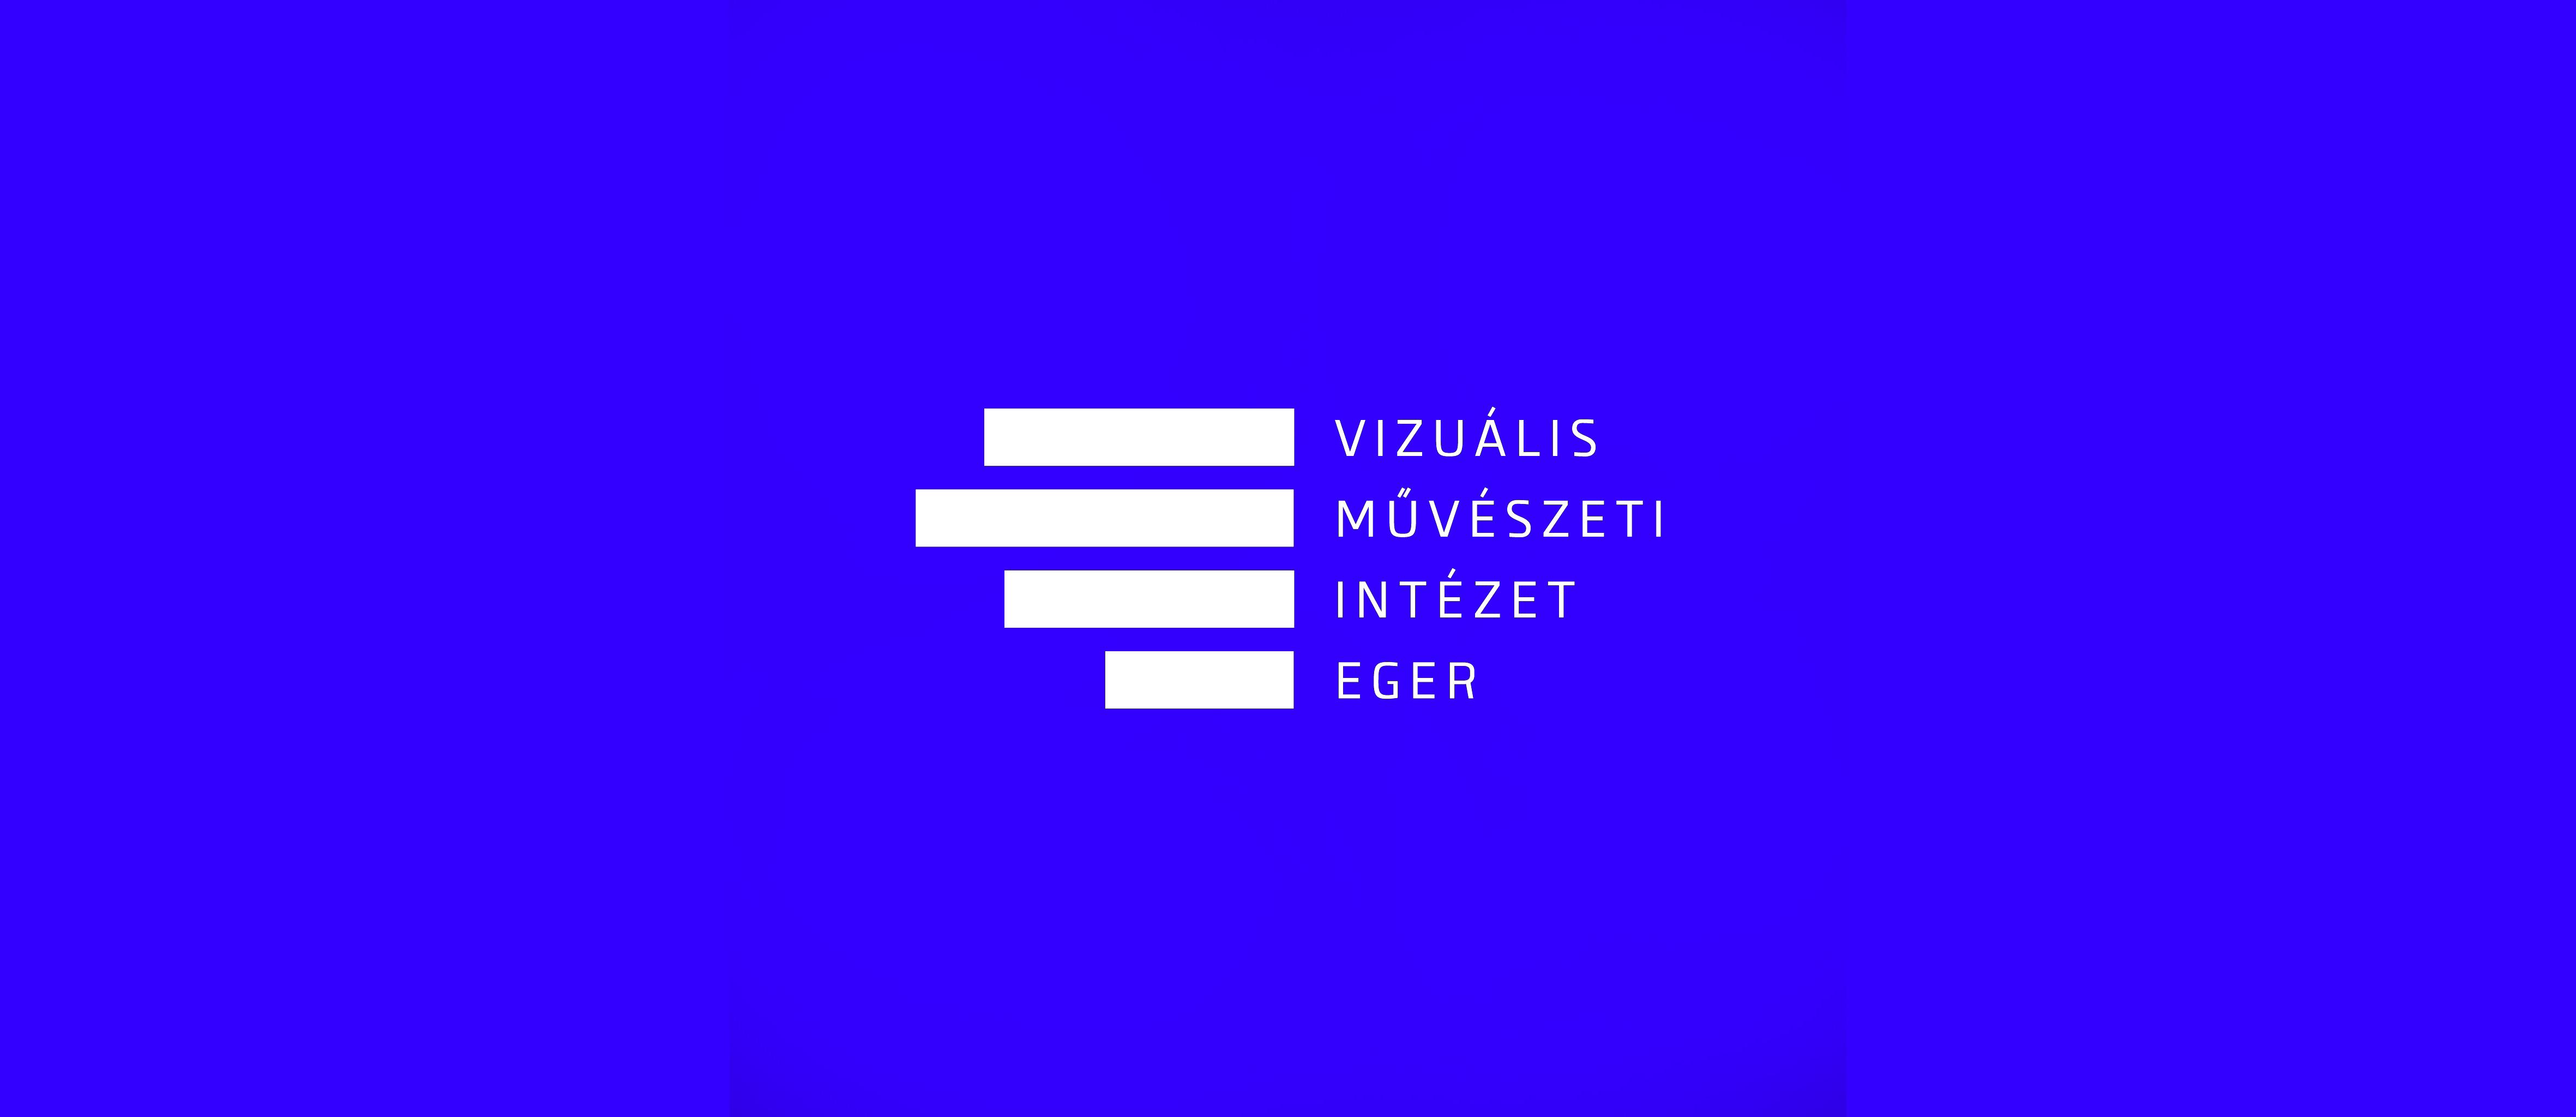 Vizualis-Muveszeti-Intezet-logo2048pxkék